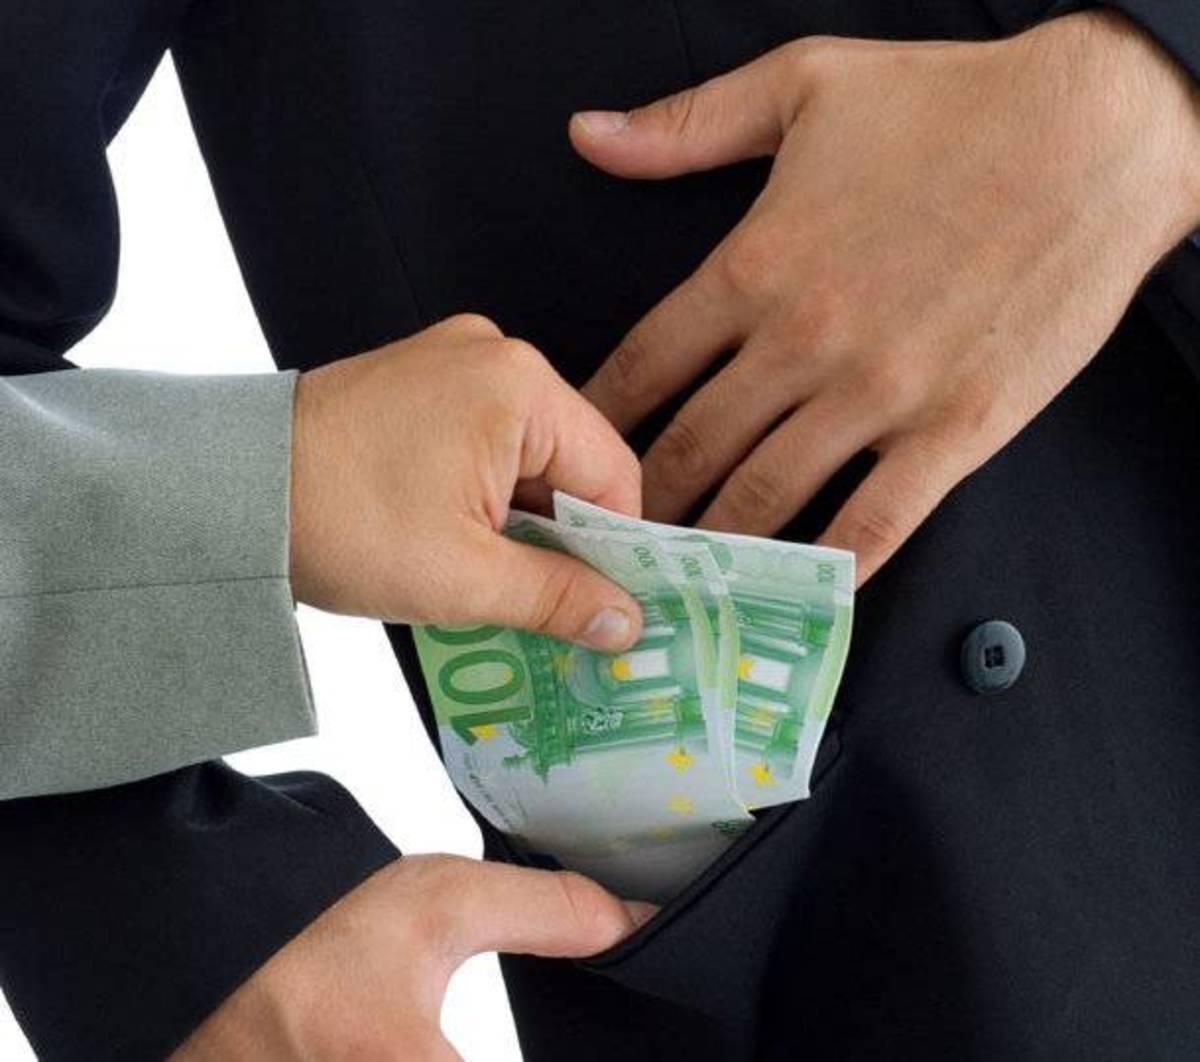 Ελλάδα, ο παράδεισος της… μίζας! Έλληνες πήραν 26 εκατ. δολάρια από αμερικανικούς κολοσσούς!   Newsit.gr